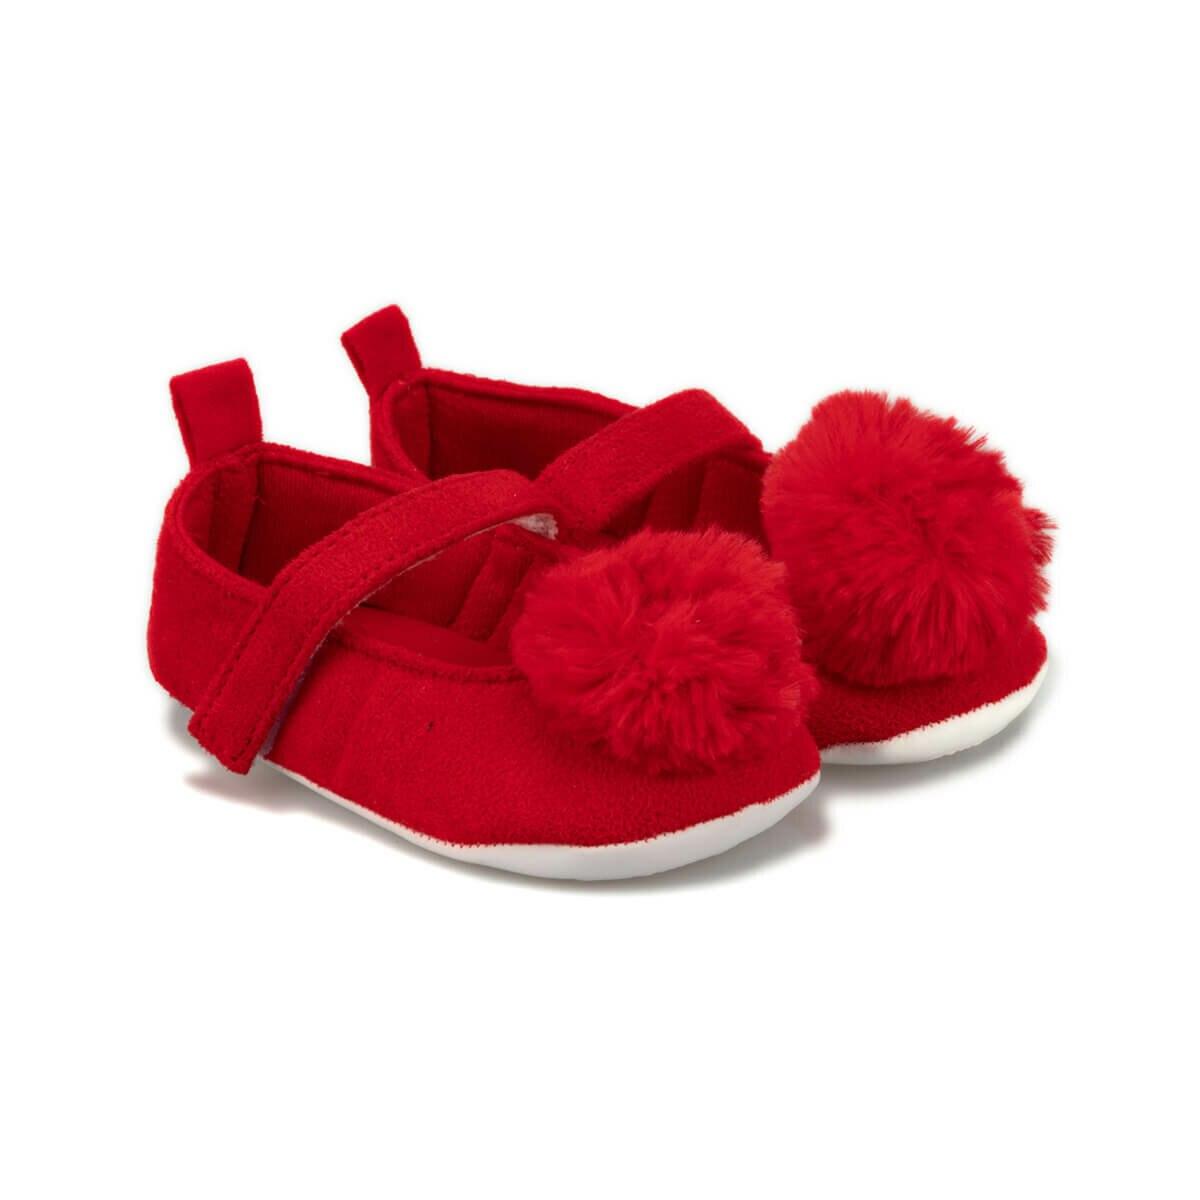 FLO 92.512038.Y Red Female Child Ballerina Polaris